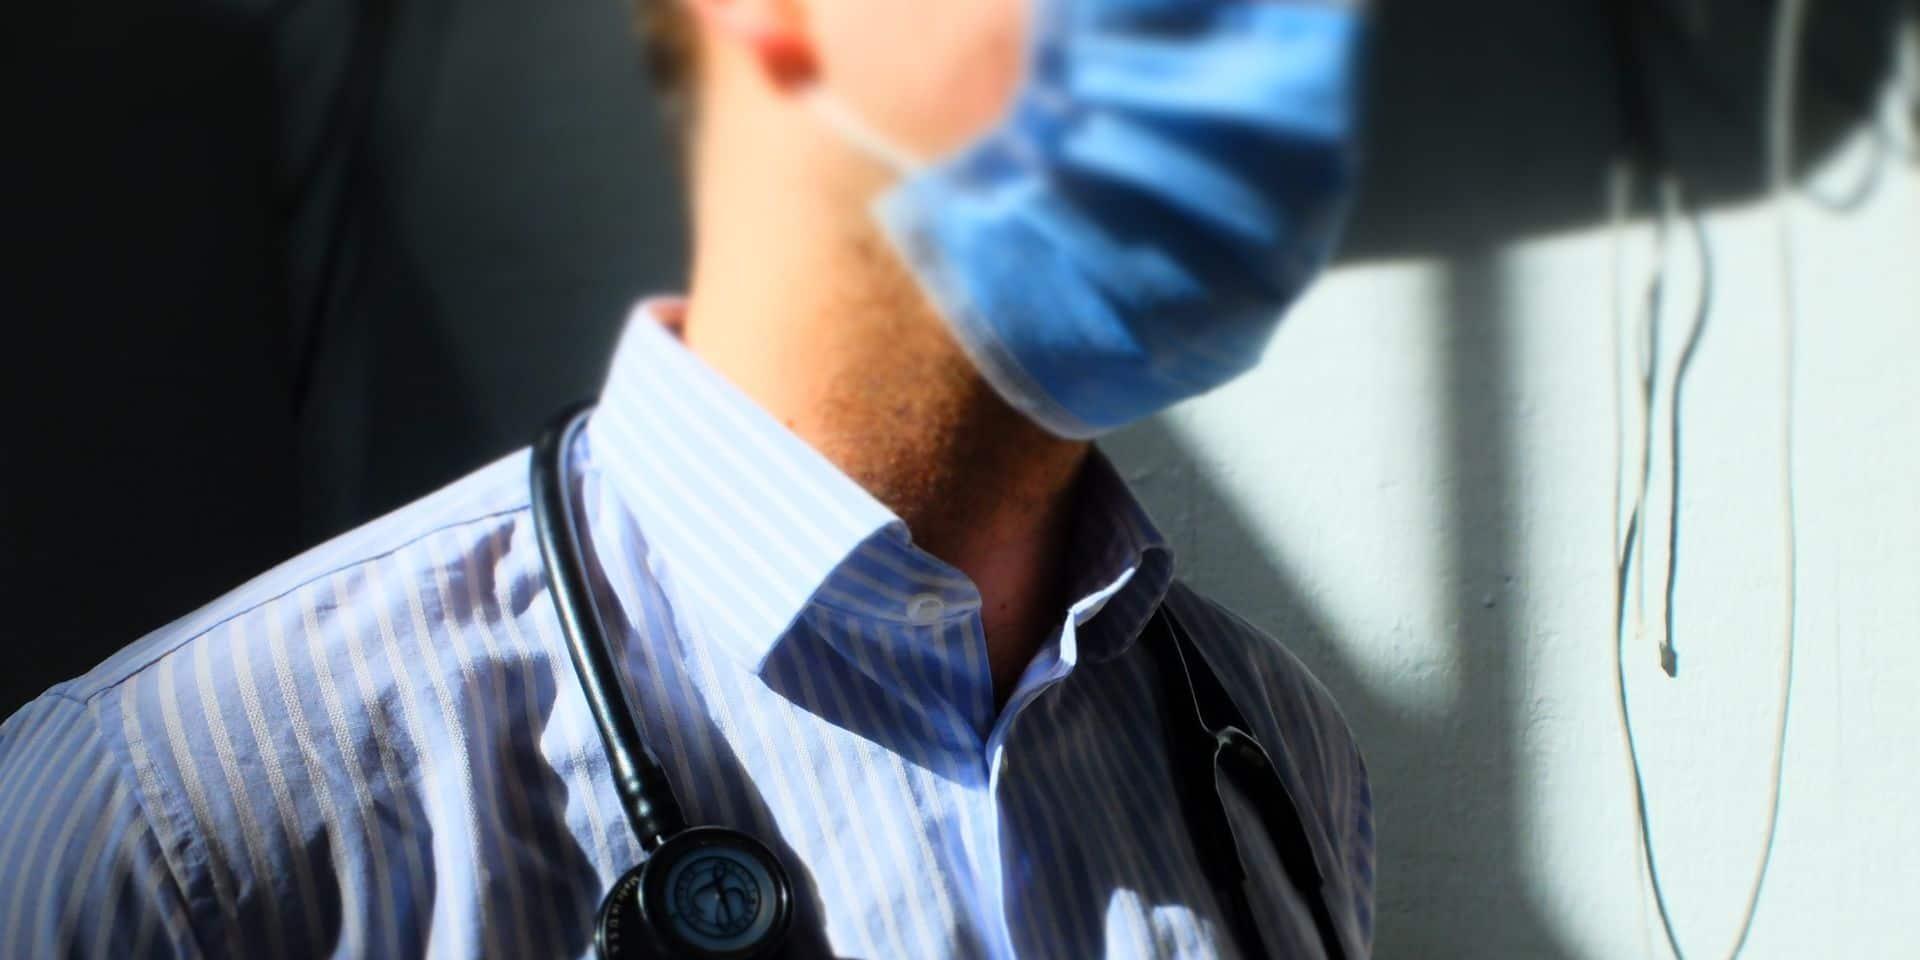 La saine révolte des assistants médecins